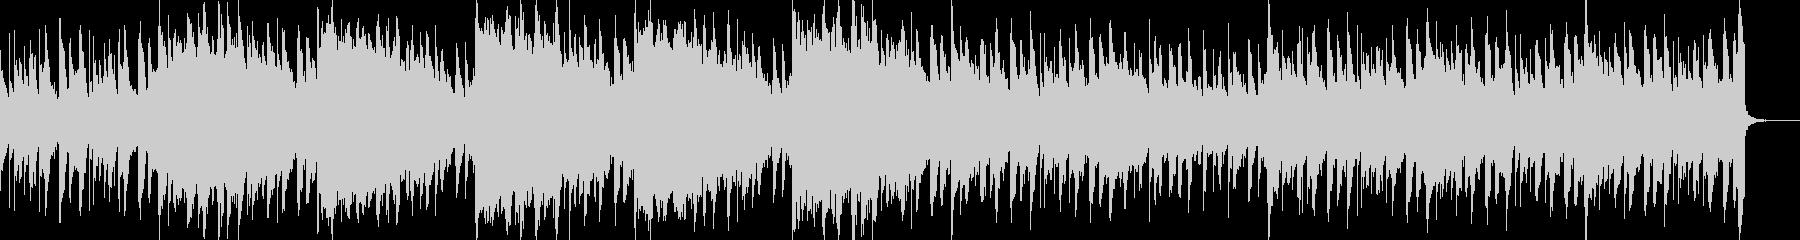 楽しい・のどか アコギ・フルート・ピアノの未再生の波形